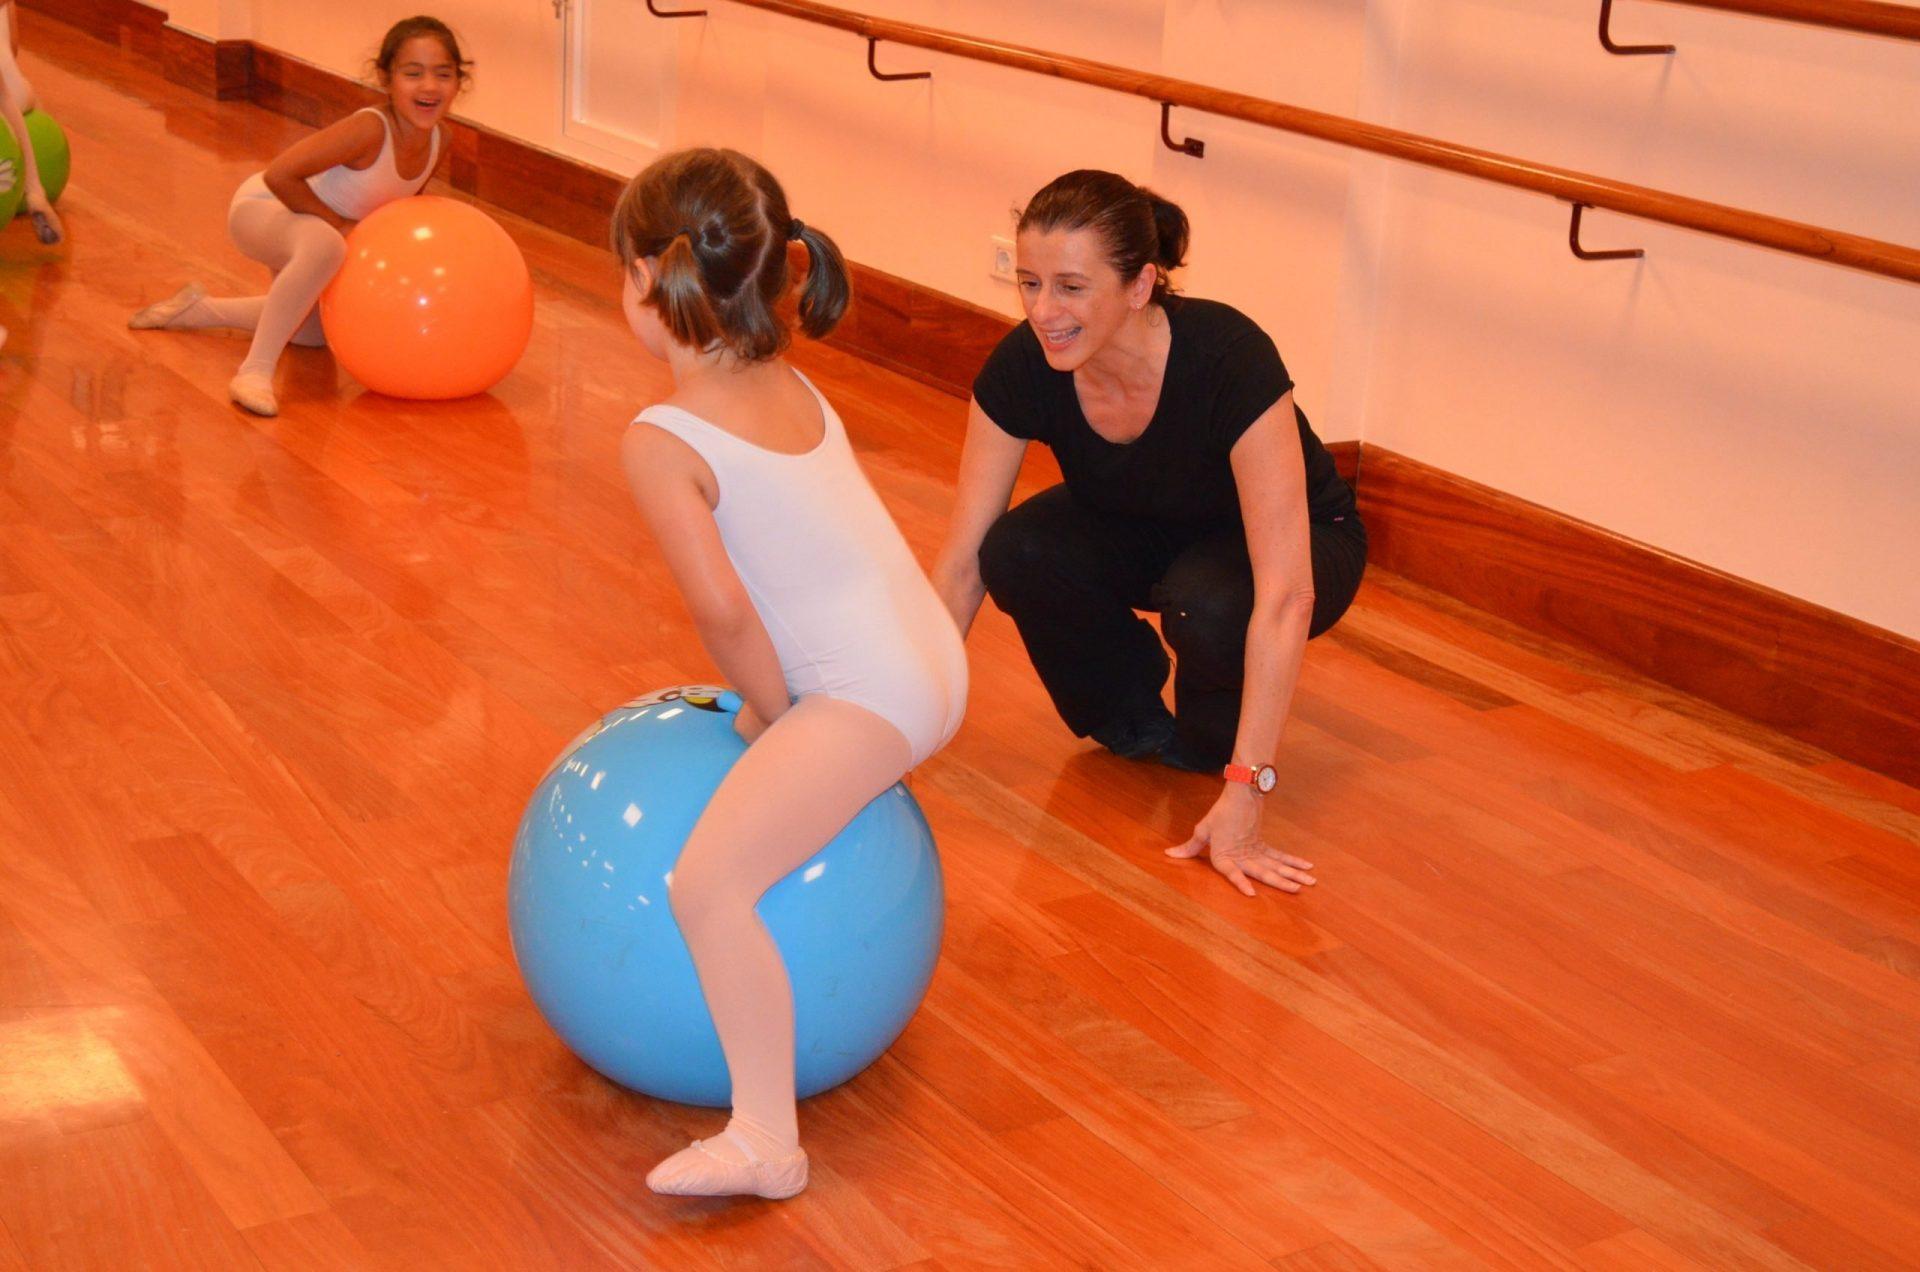 Foto en el Centro de Danza Sandra Santa Cruz donde Sandra con una enorme sonrisa da clase a su alumando de Predanza de niños de 3 a 5 años. Dos niñas ríen sentadas sobre unas pelotas de fitball